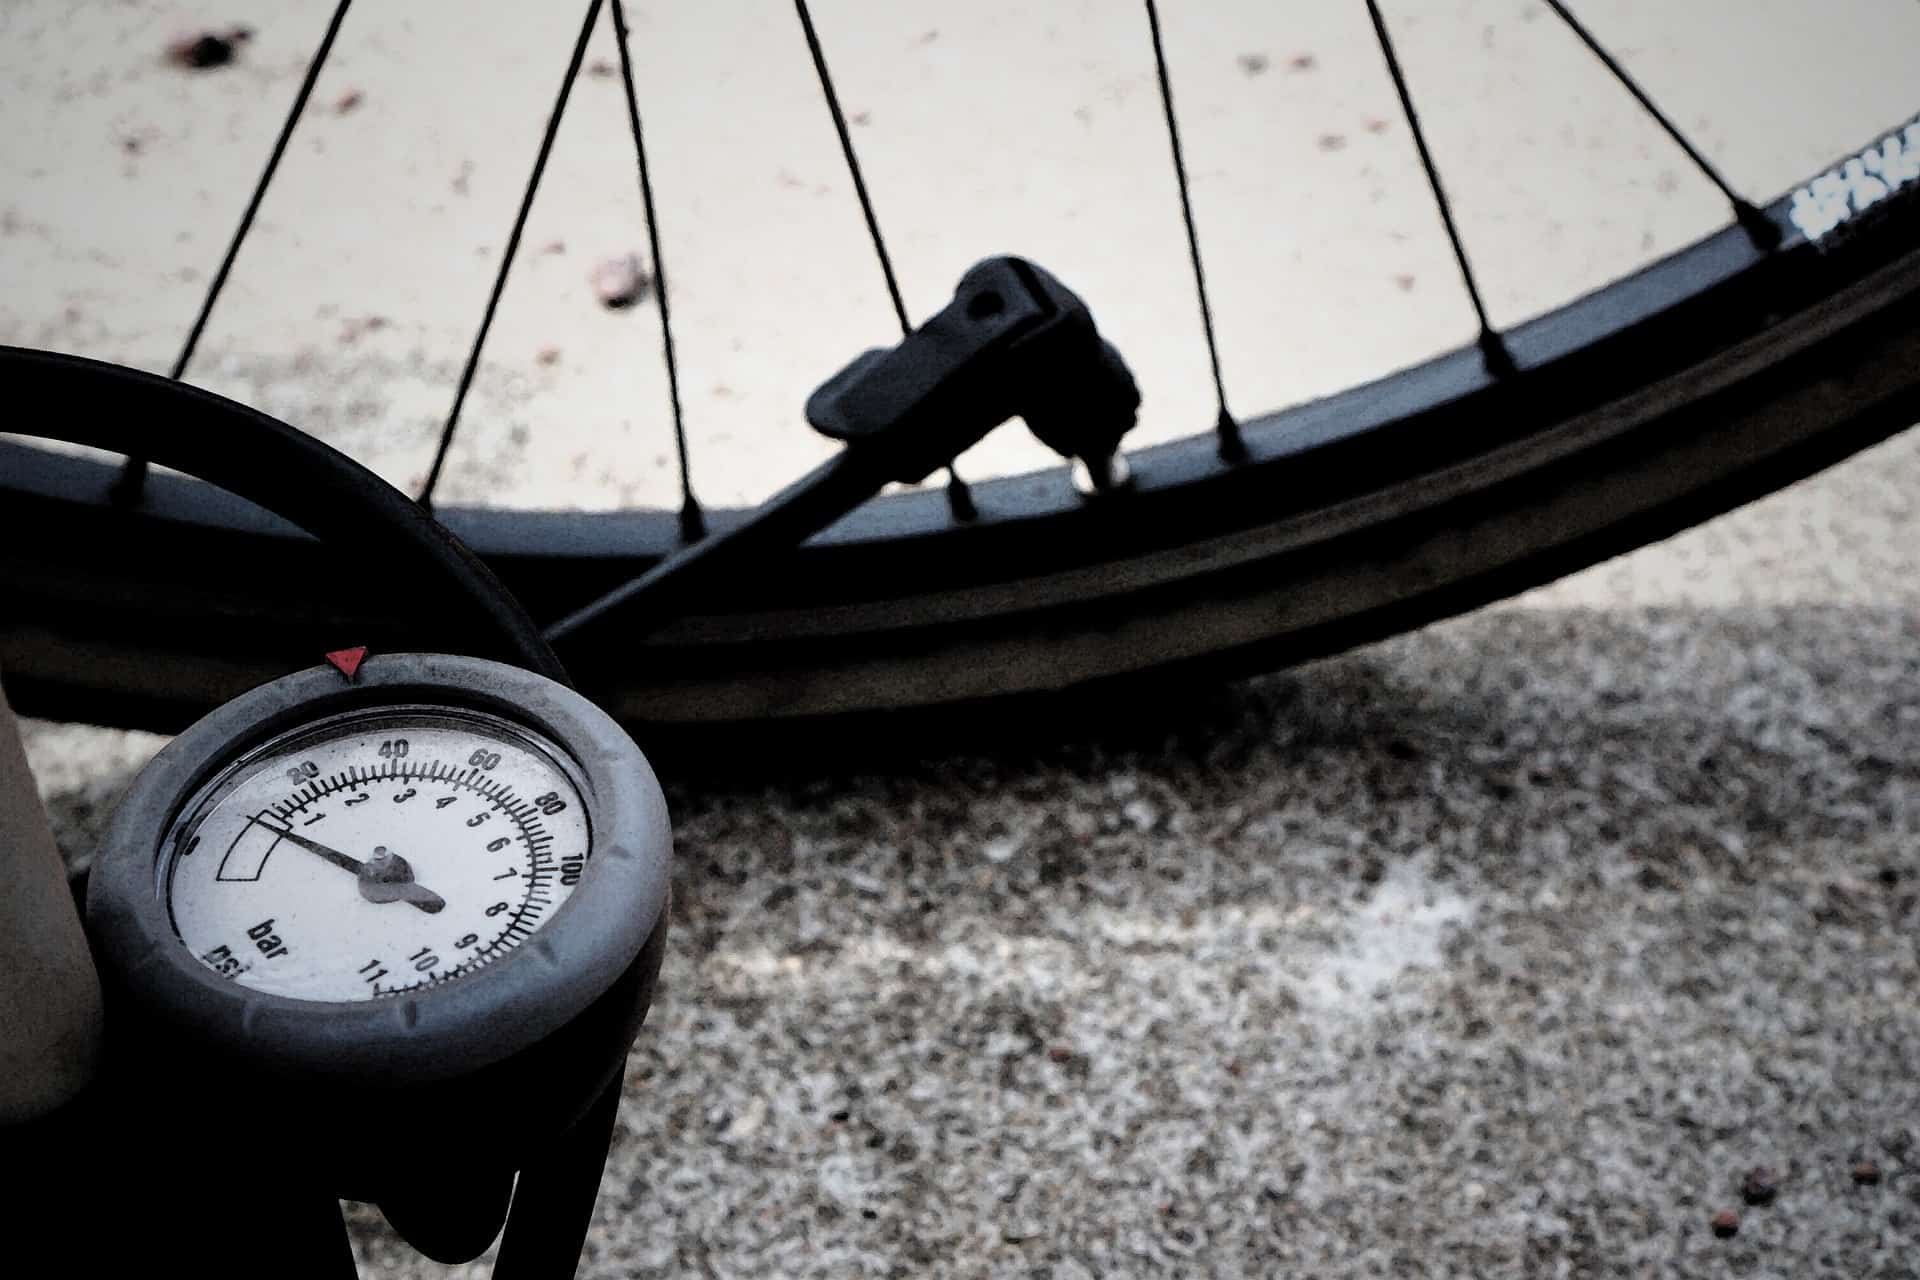 Imagem mostra manômetro em primeiro plano, ligado por uma mangueira à um bico, inserido num pneu de bicicleta em, segundo plano.